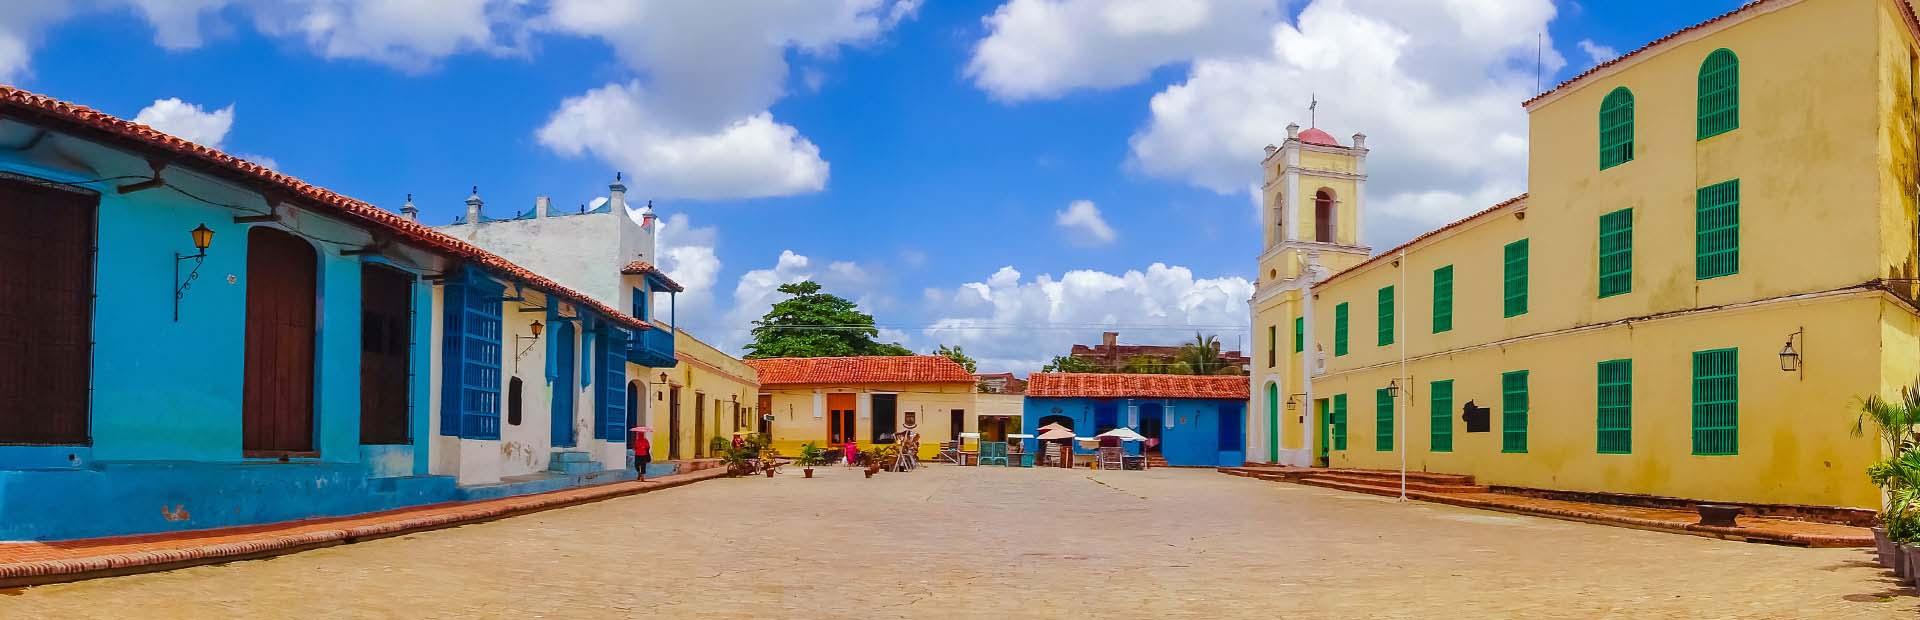 Camagüey, Ciudad de los tinajones - Destinos de Cuba